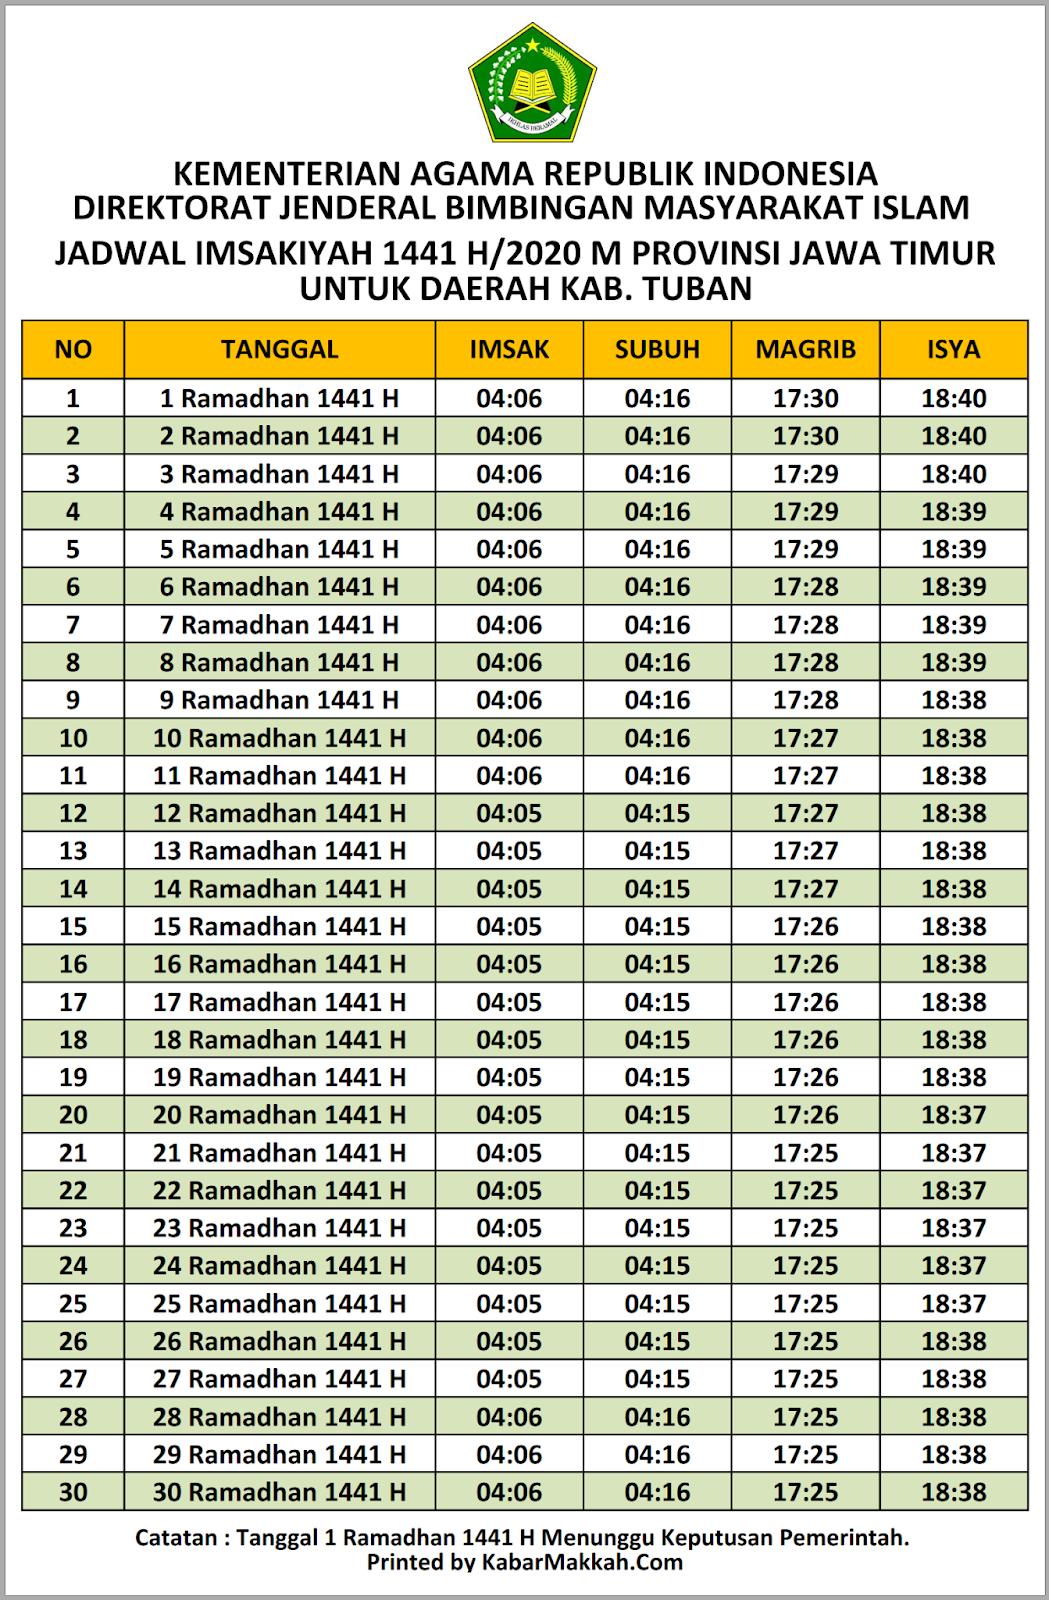 Jadwal Imsakiyah Tuban 2020